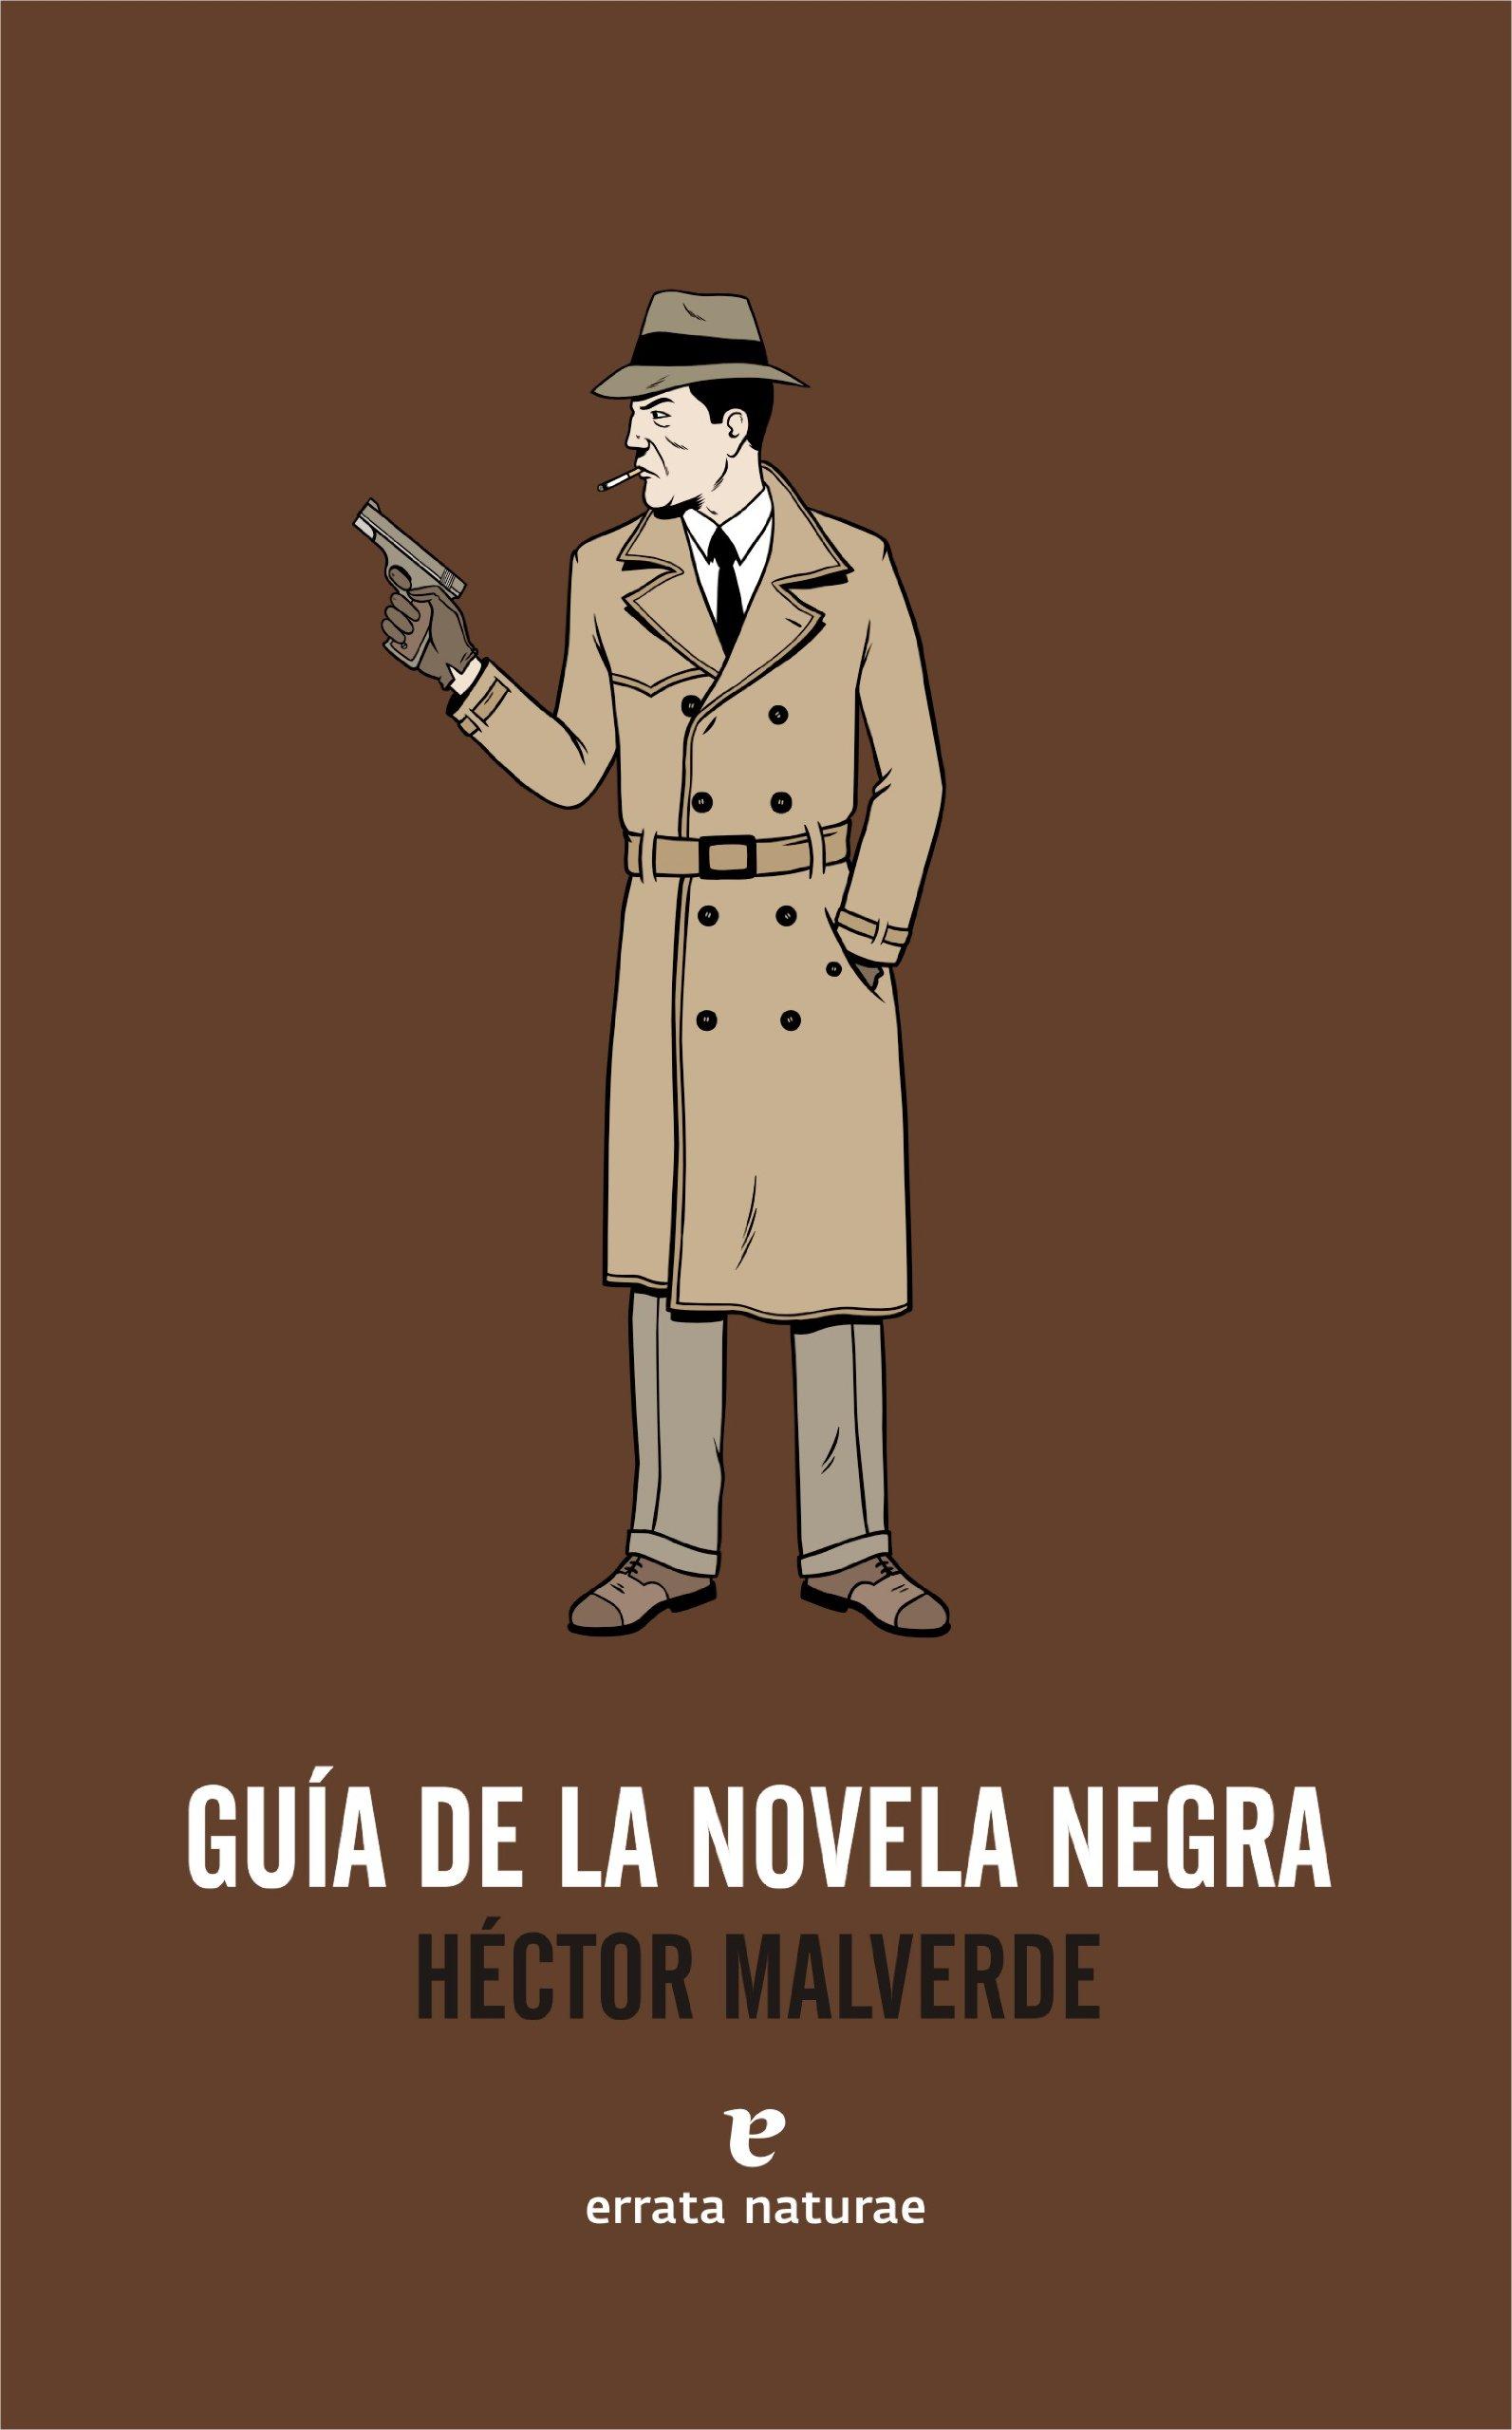 Guia De La Novela Negra (Fuera de colección): Amazon.es: Héctor ...